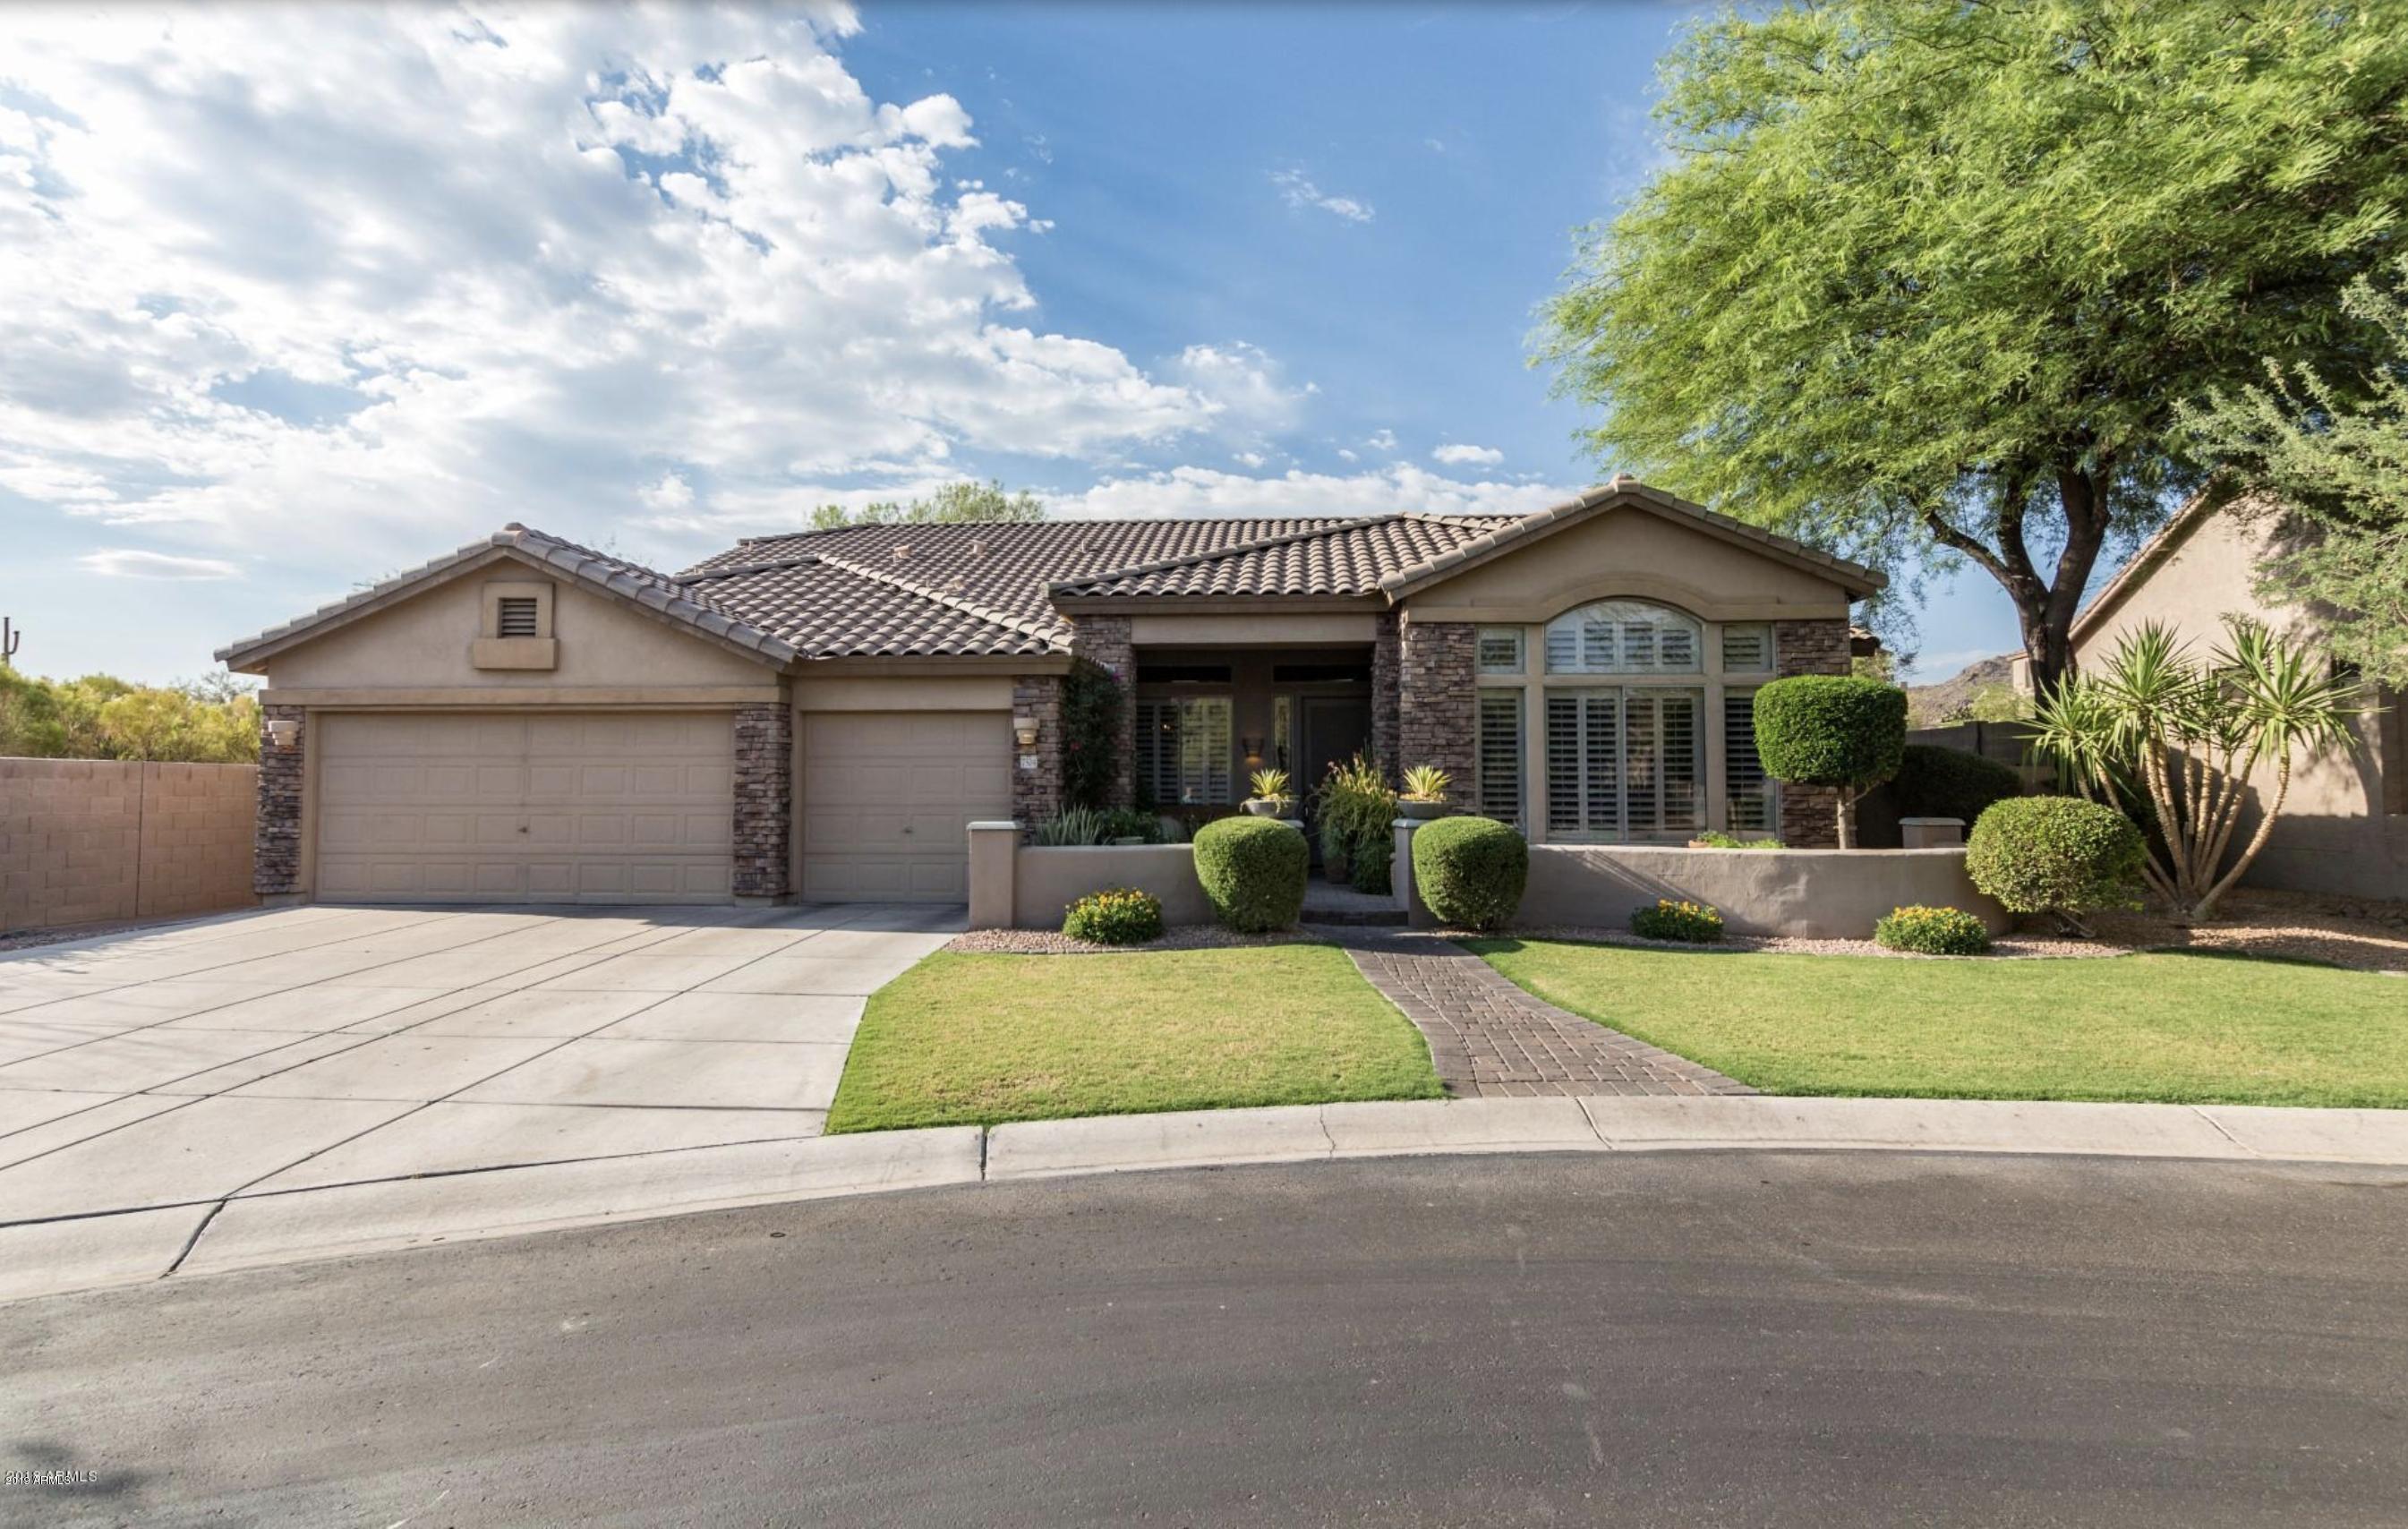 Photo of 7504 E TORREY POINT Circle, Mesa, AZ 85207